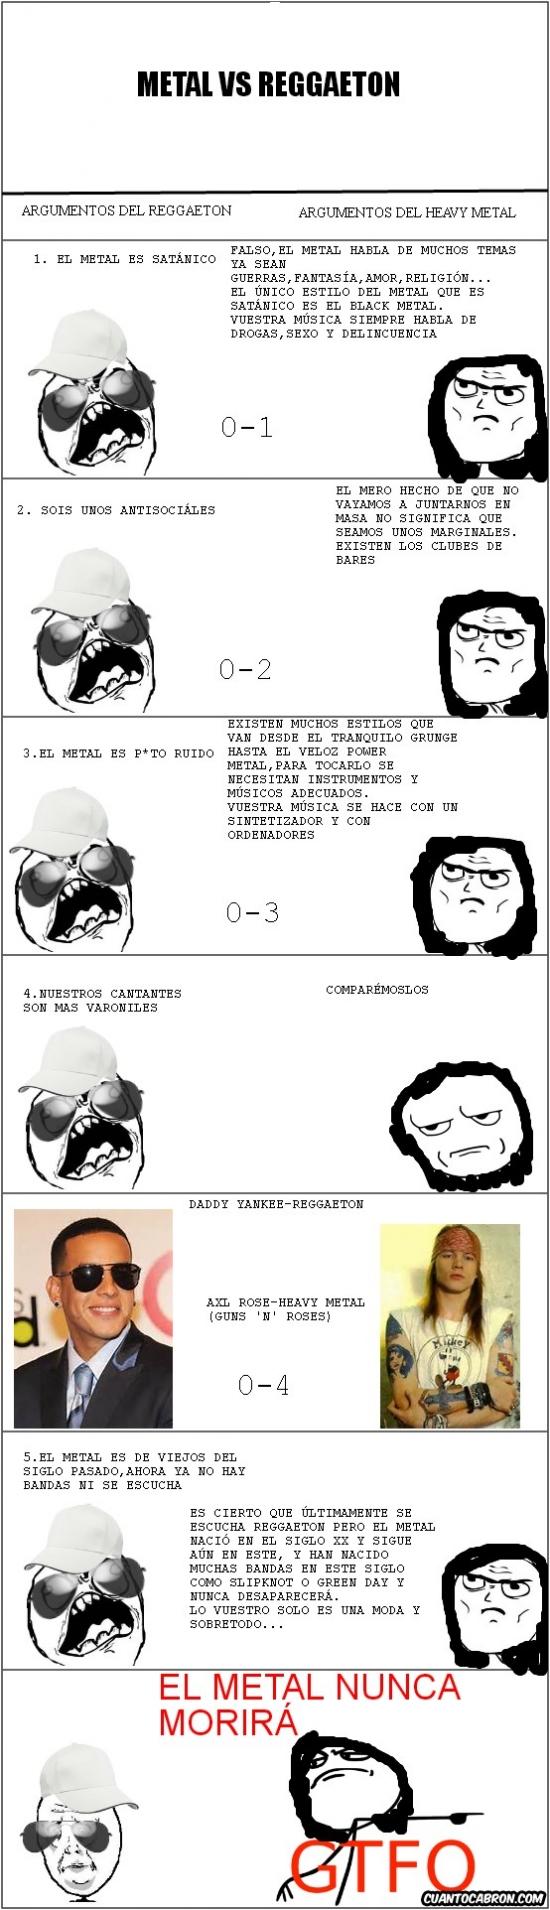 Fuck_yea - Metal vs. Reggaeton, una batalla realmente fácil